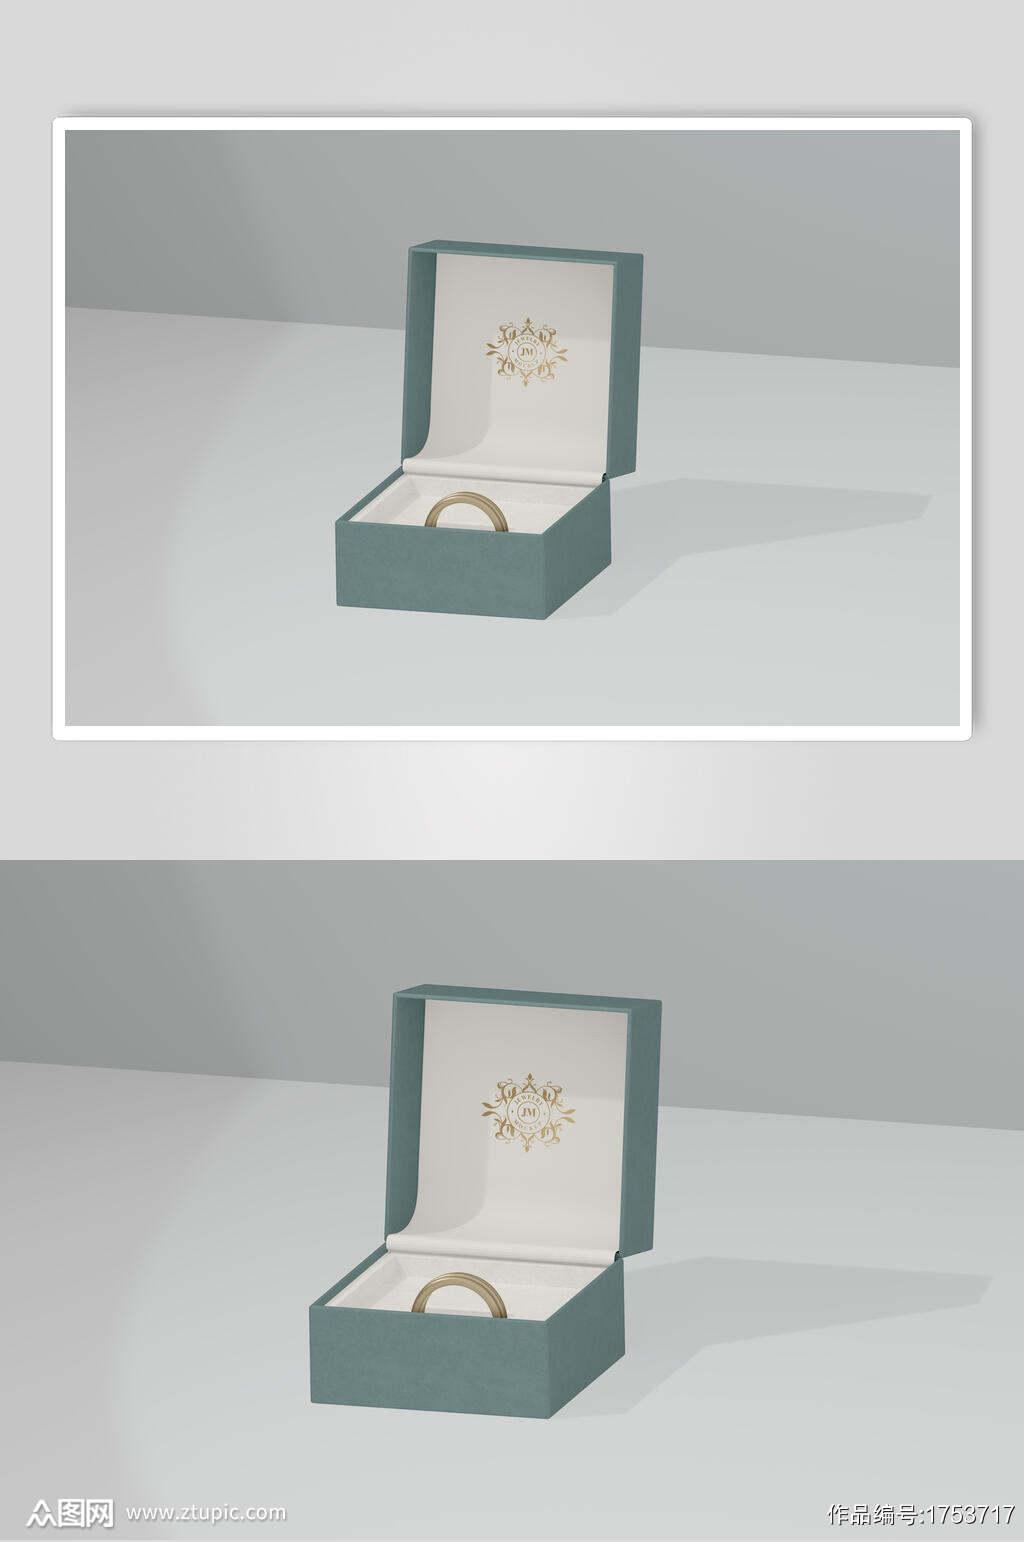 绿色珠宝首饰盒子包装样机效果图素材